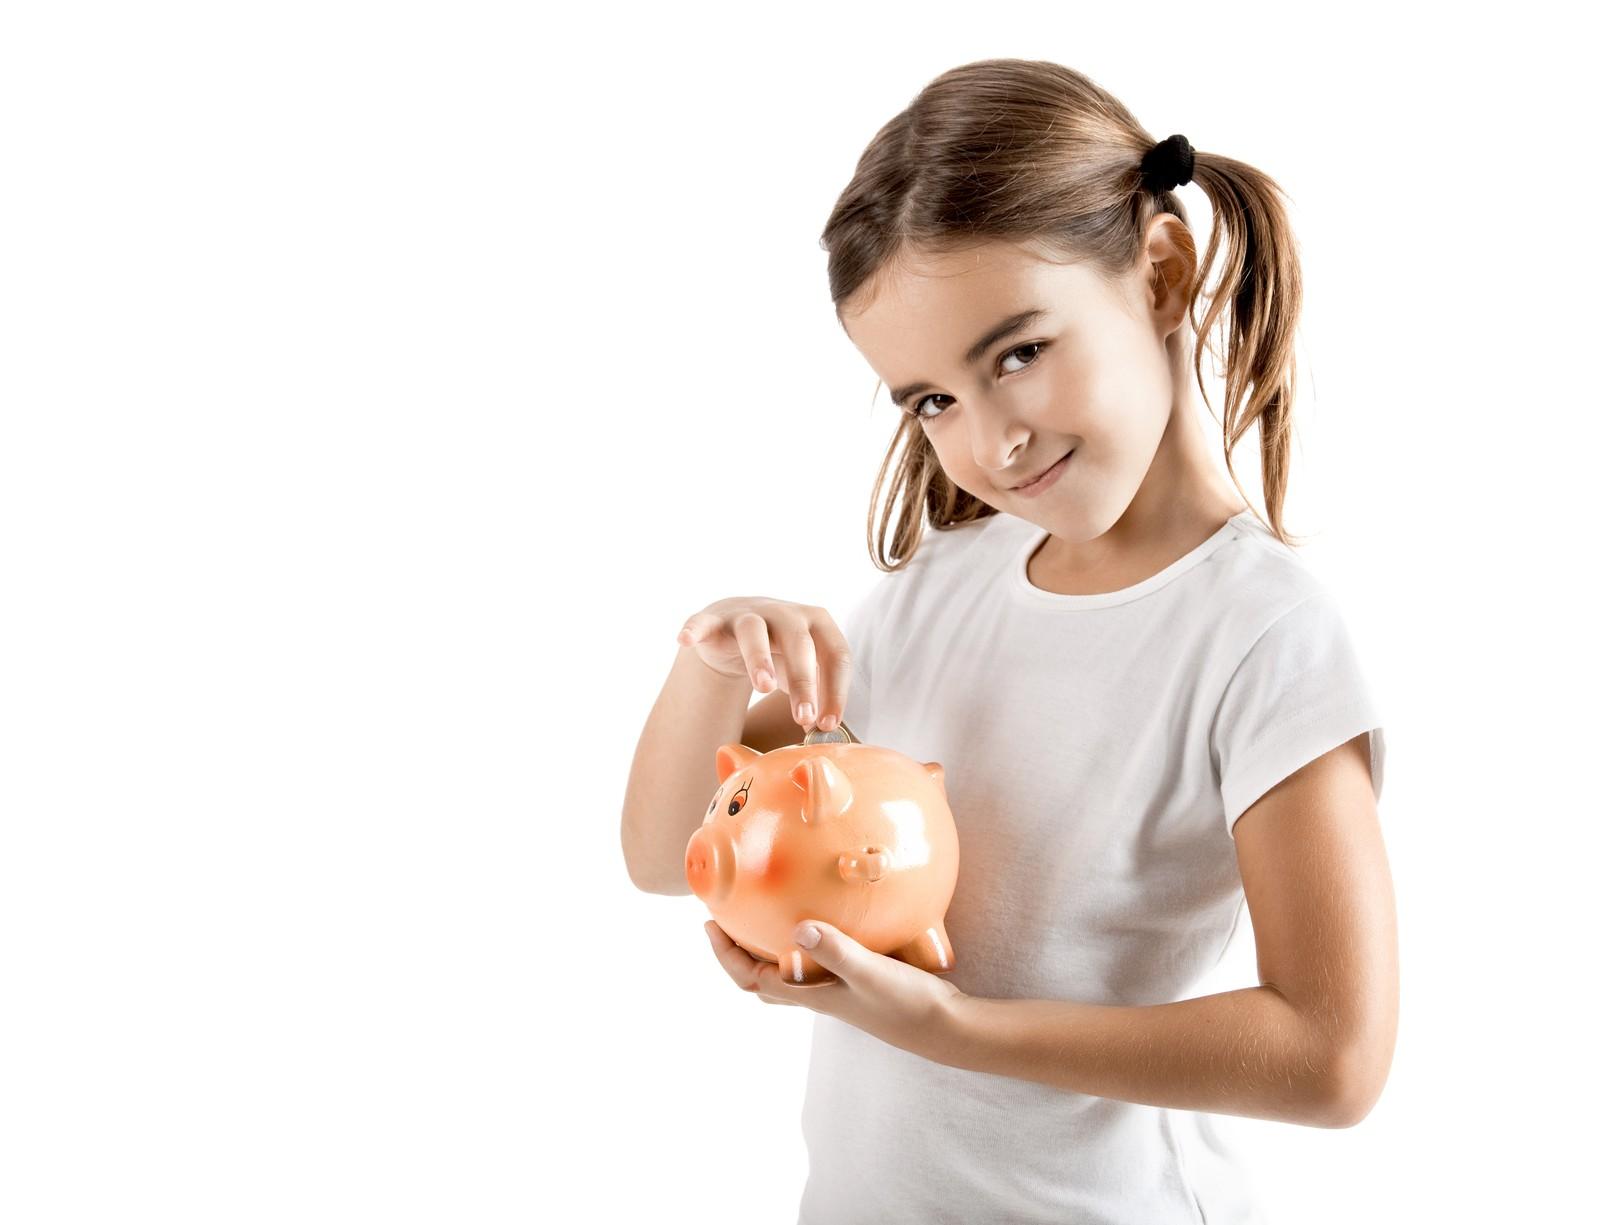 Der Schutz von Minderjährigen hat Vorrang vor Steuereinnahmen.